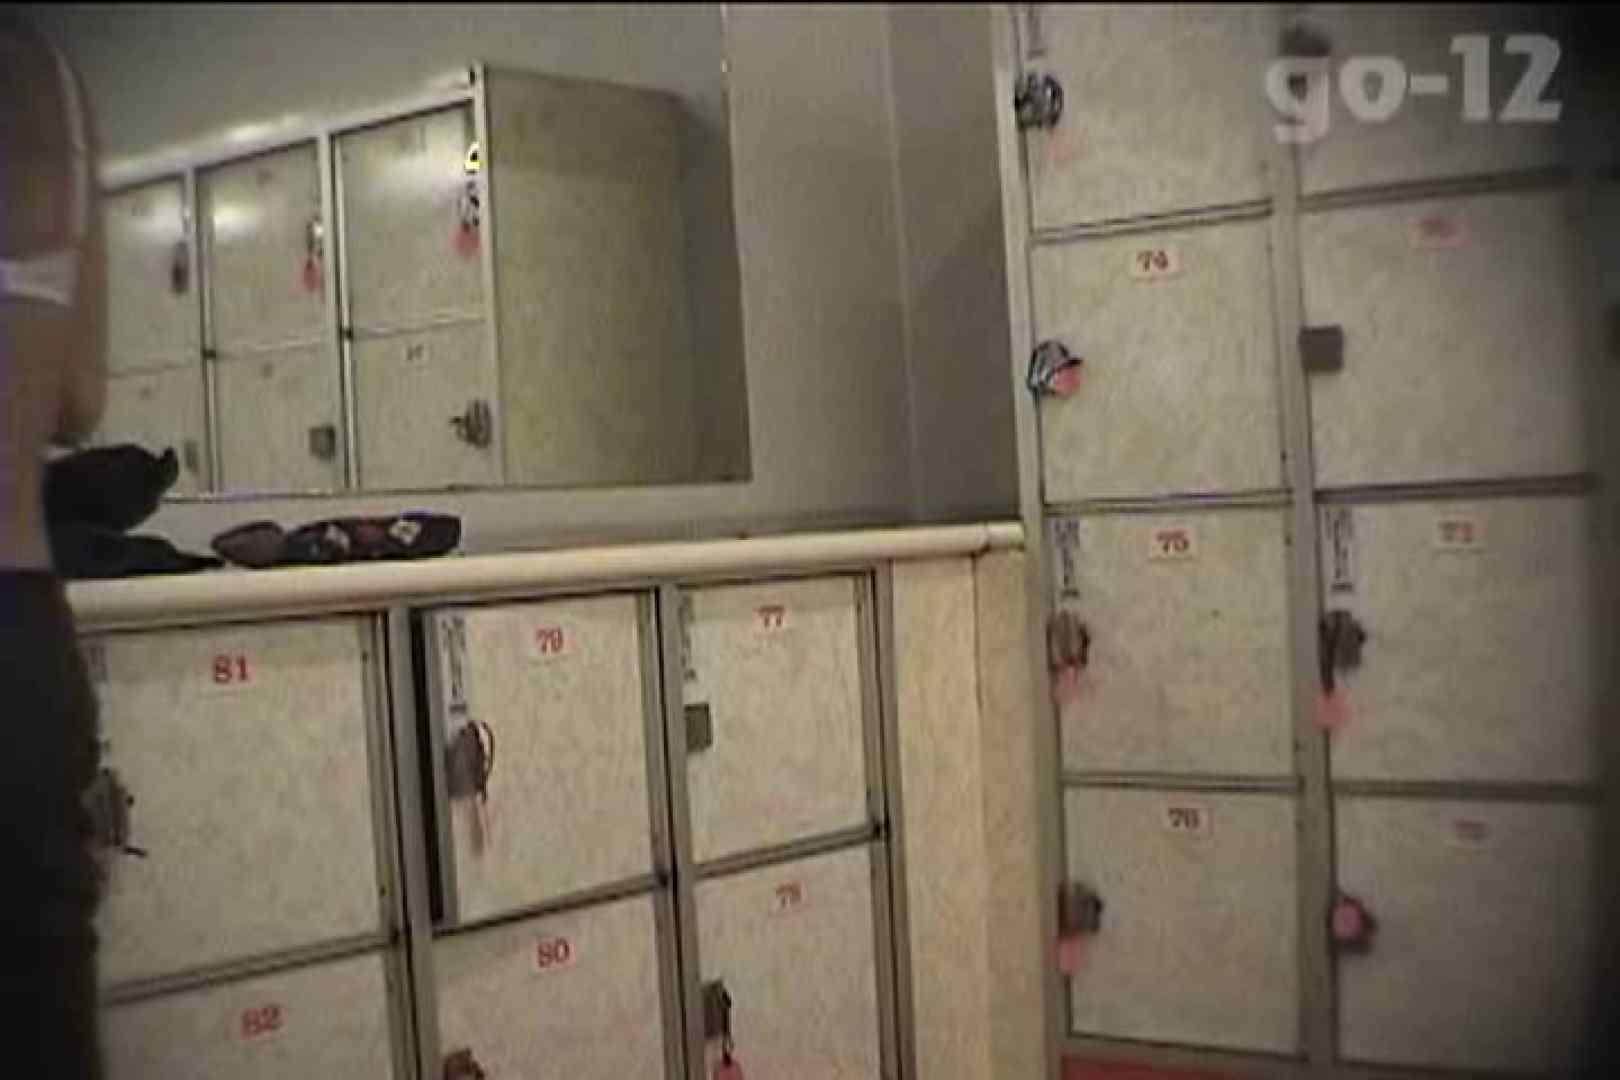 電波カメラ設置浴場からの防HAN映像 Vol.12 盗撮 | OLのボディ  82PIX 28